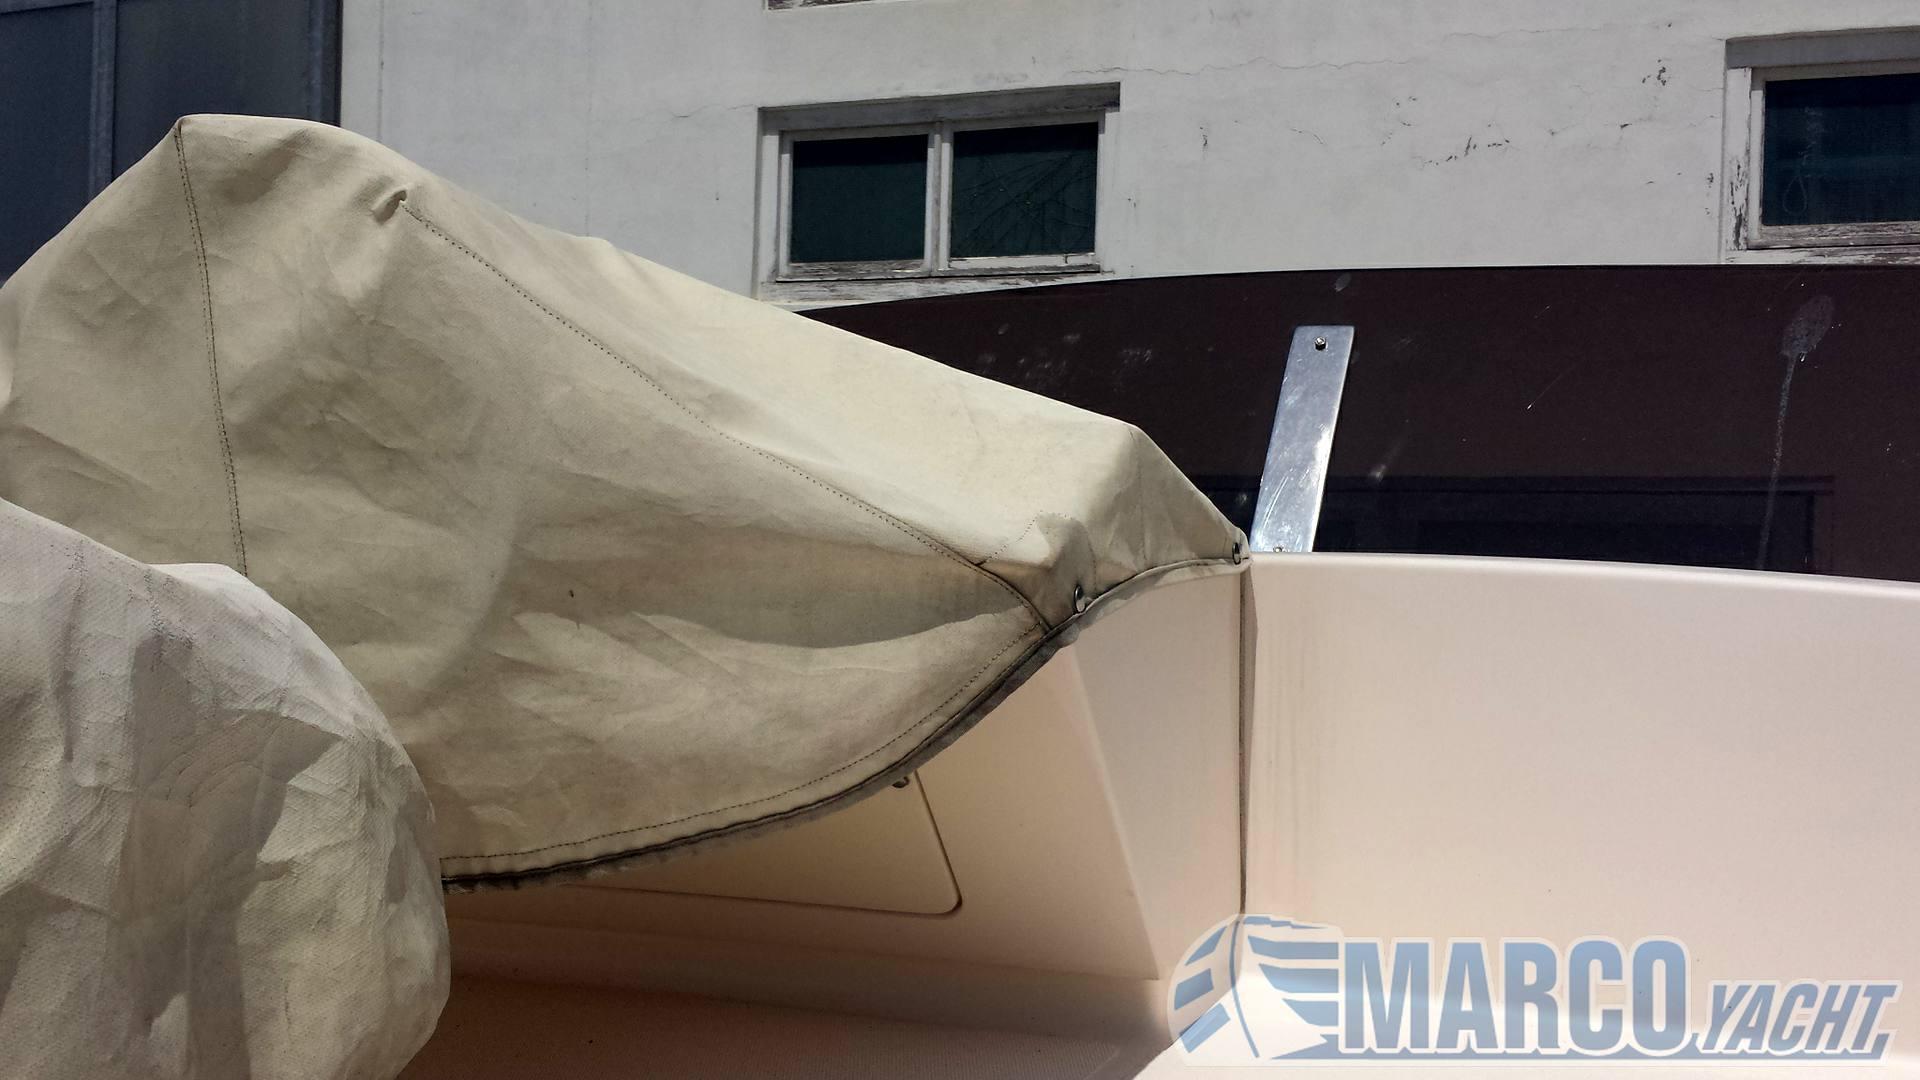 Portofino marine Fly 10 Barca a motore usata in vendita